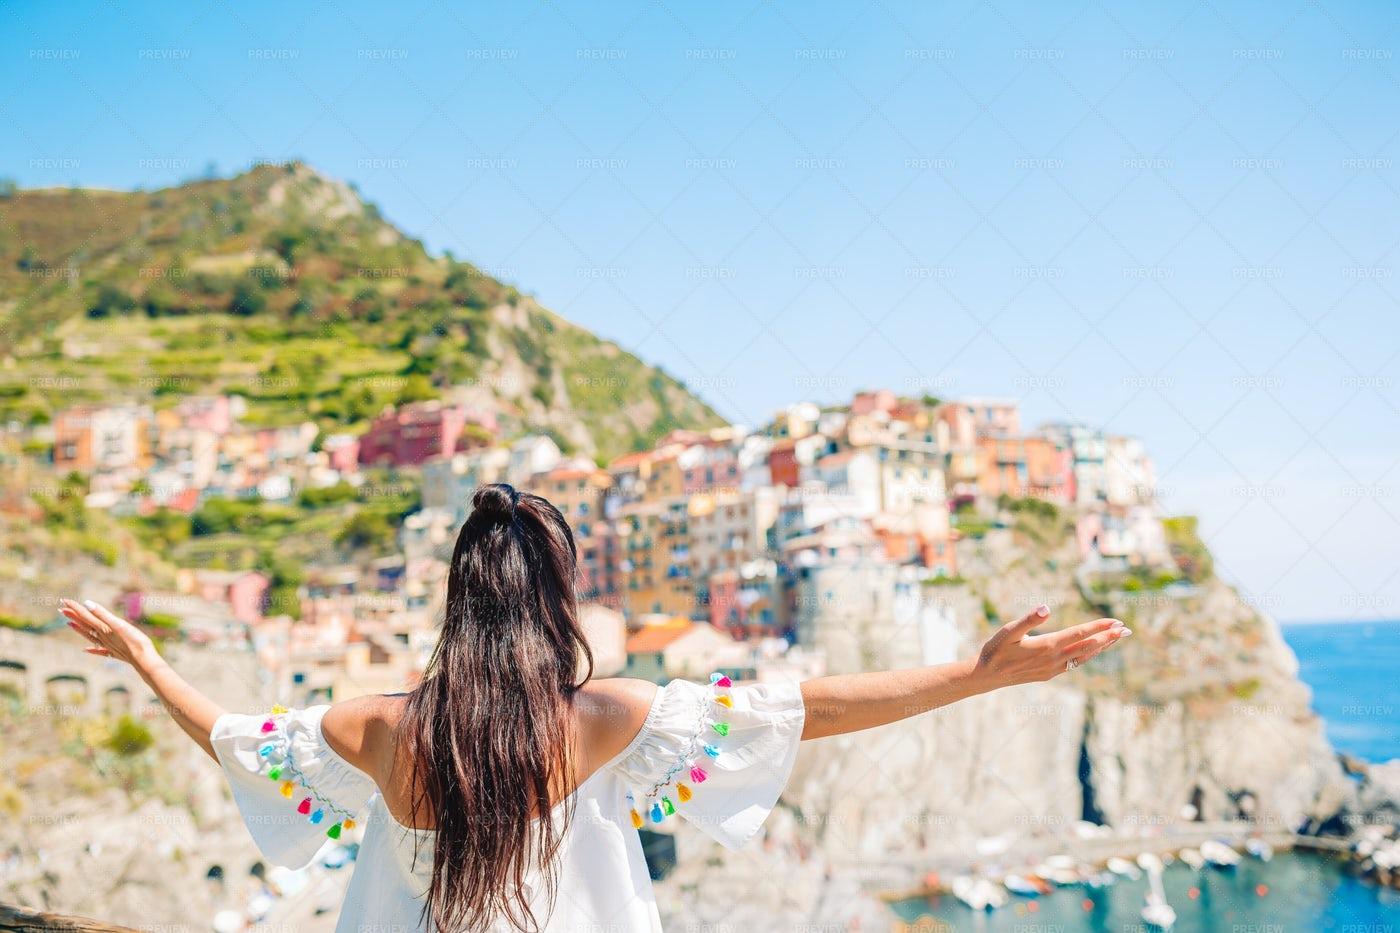 Tourist Enjoying The View Of Manarola: Stock Photos